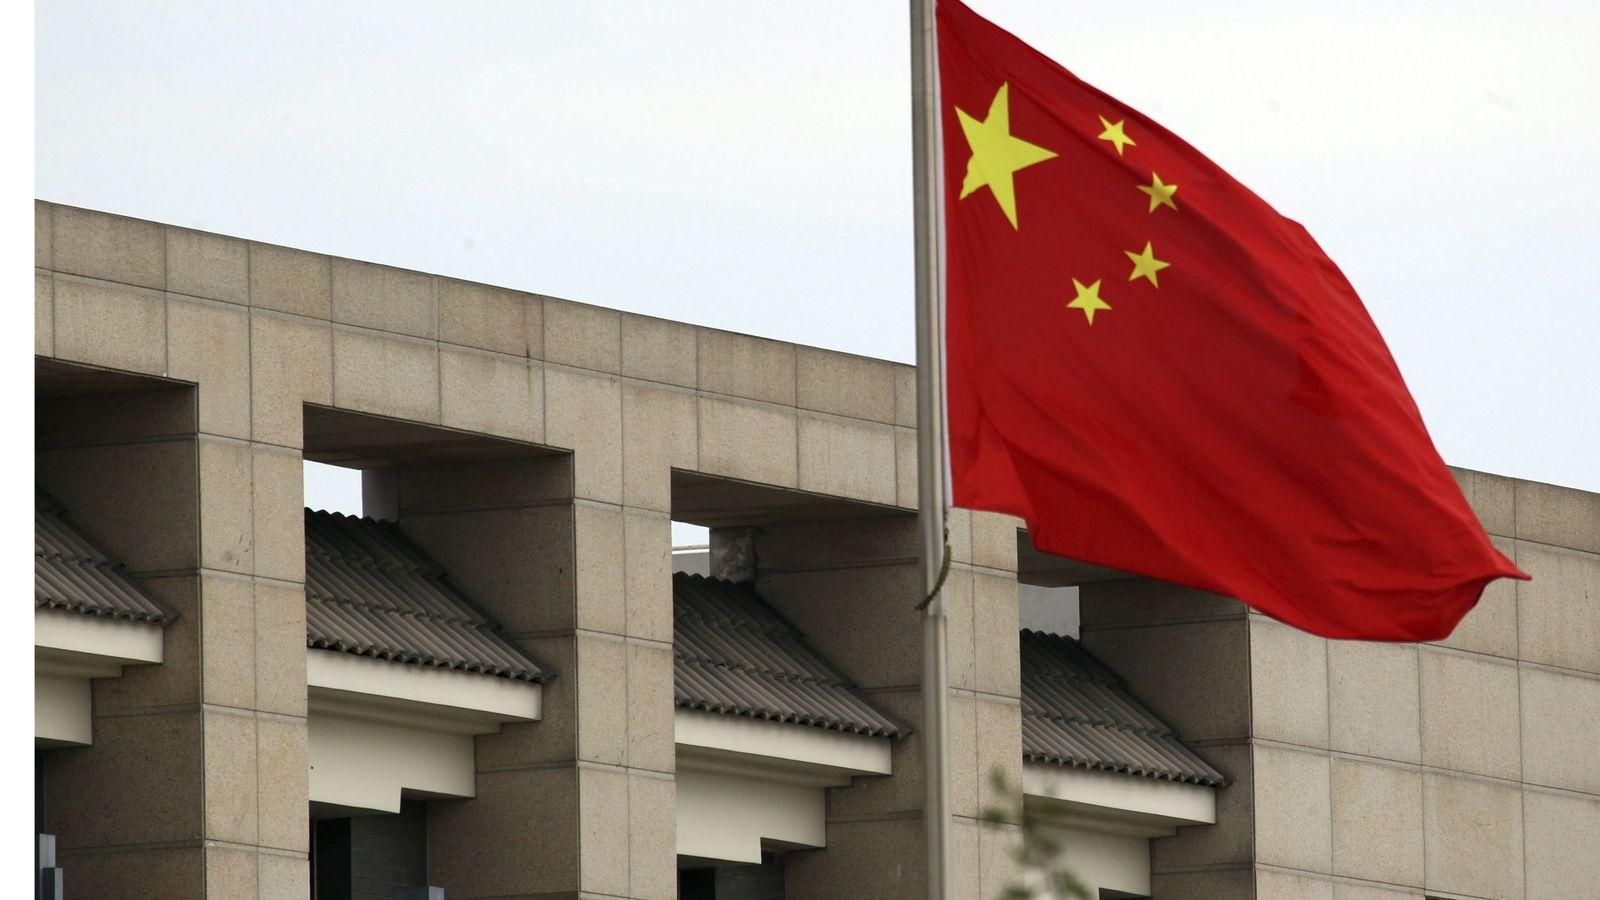 Foto: Bandera de China